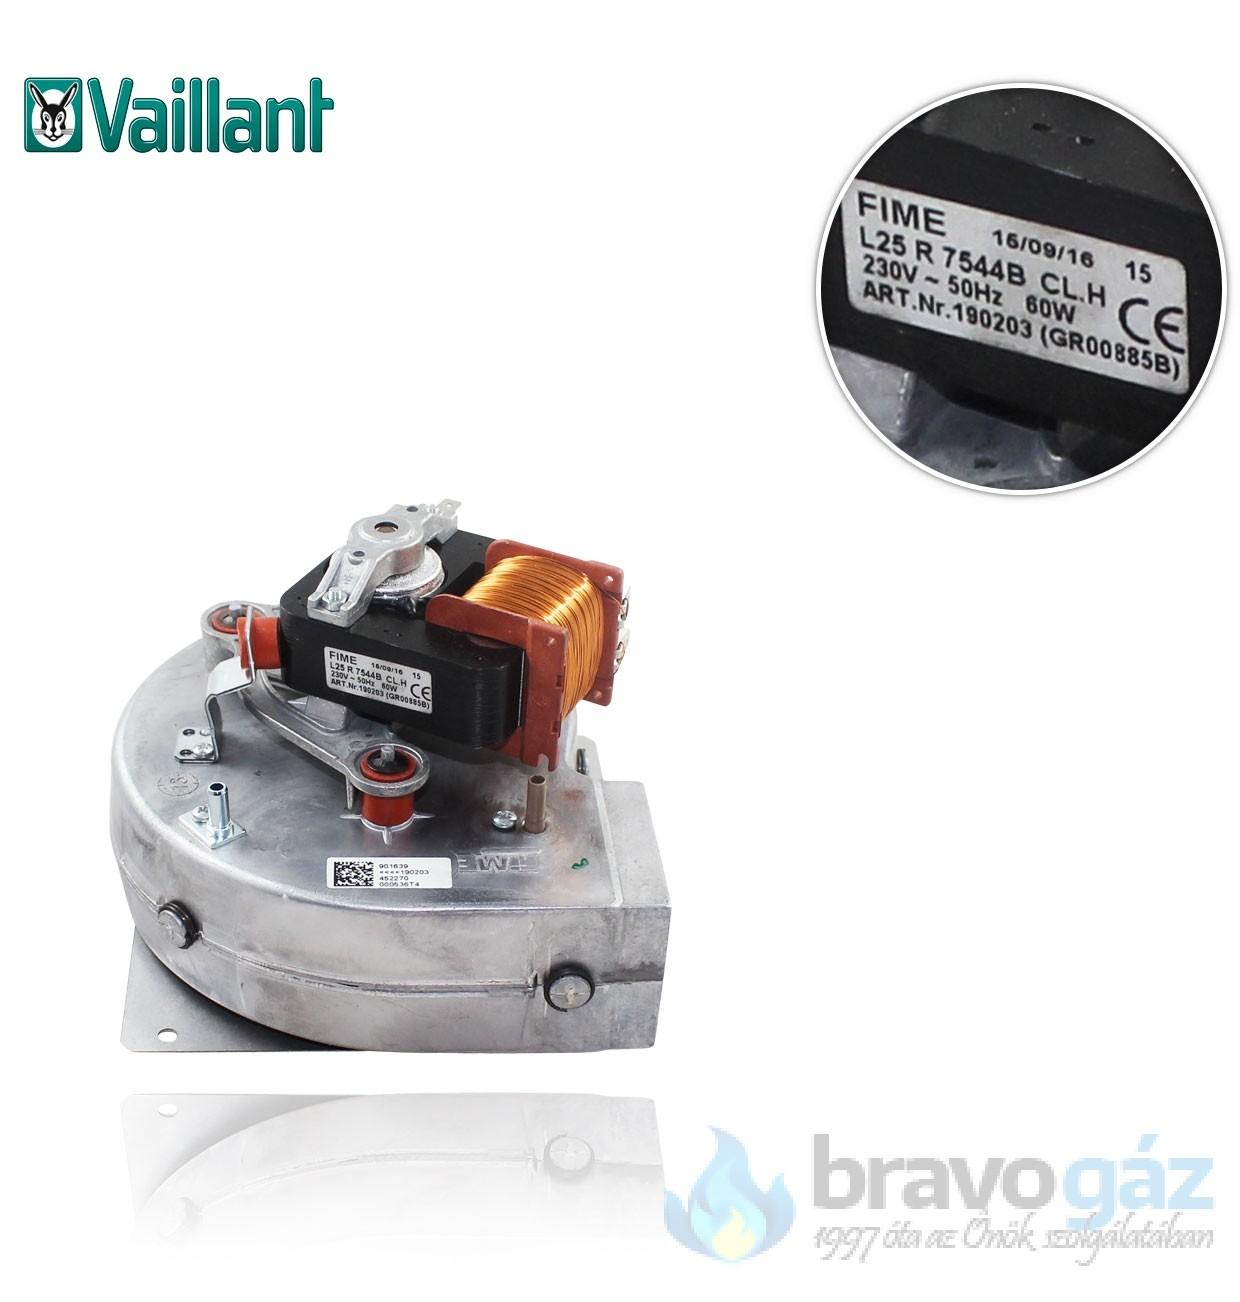 Vaillant ventilátor PRO/PLUS 190215